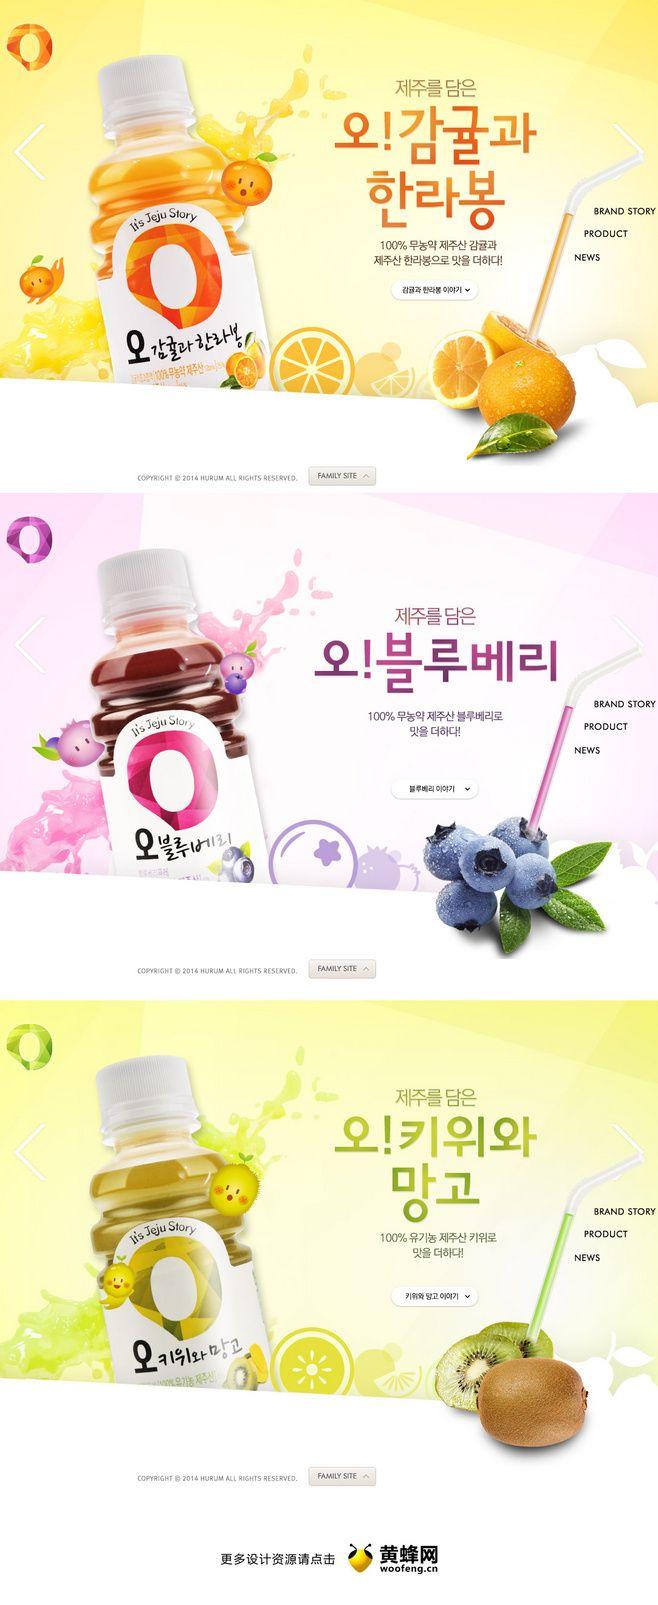 O-Juice - 网页设计 - 黄蜂网...